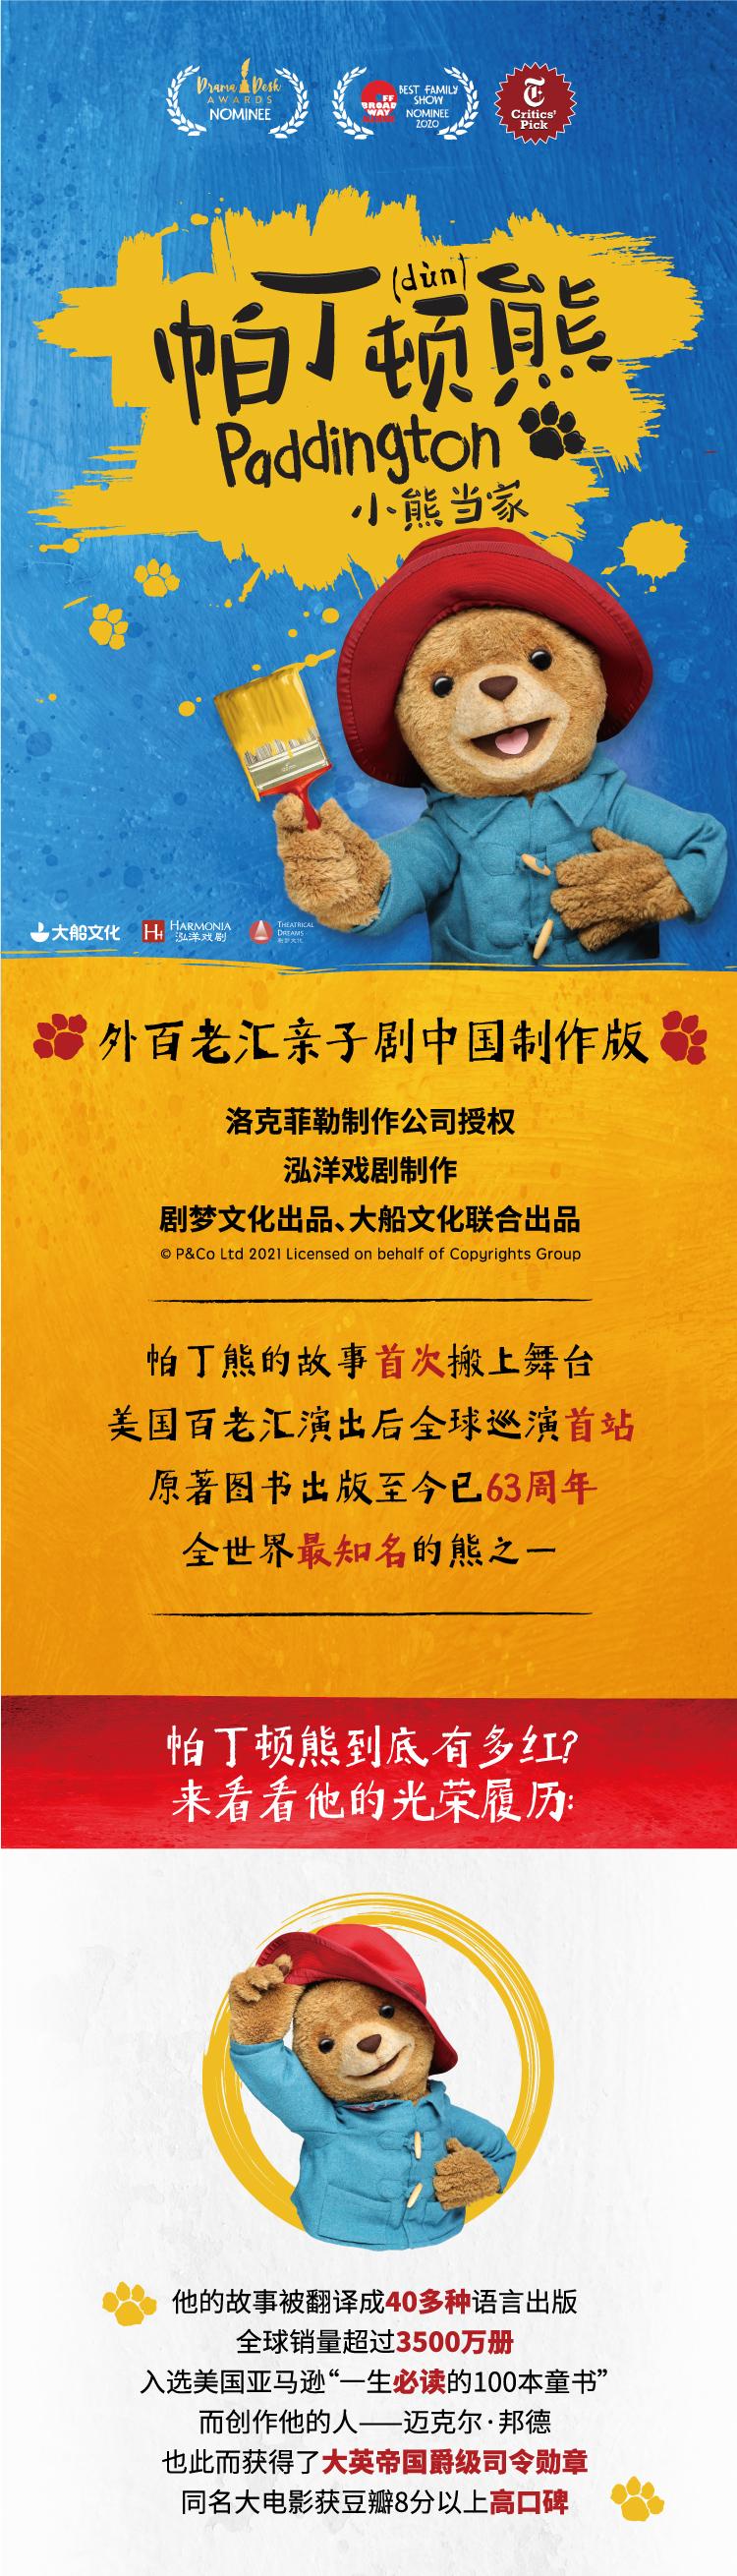 2021南京市文旅消费政府补贴剧目·外百老汇亲子剧《帕丁顿熊之小熊当家》中国制作版